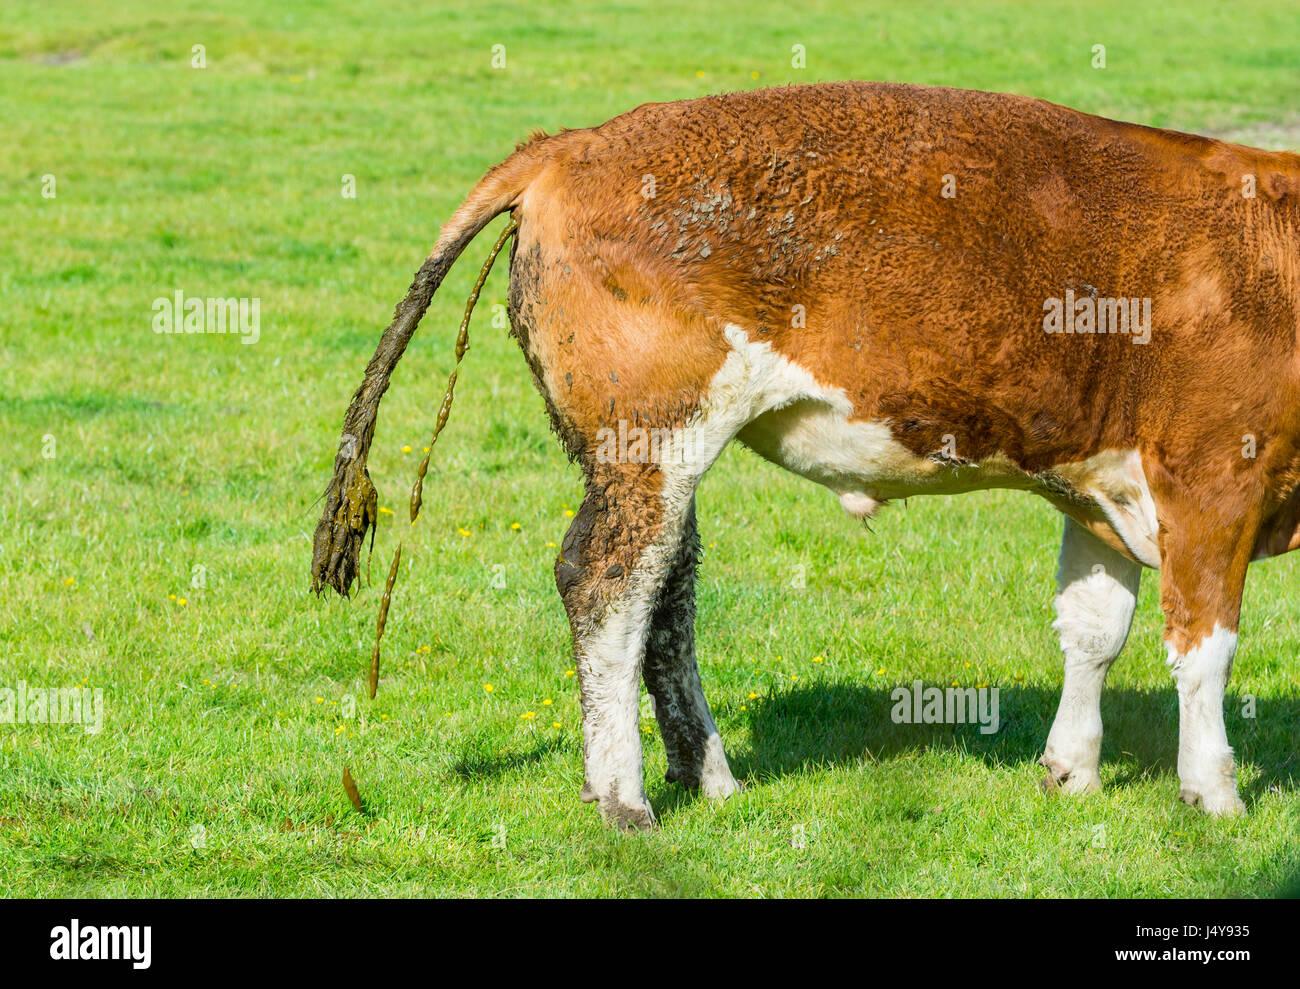 cow-in-a-field-doing-a-poo-J4Y935.jpg